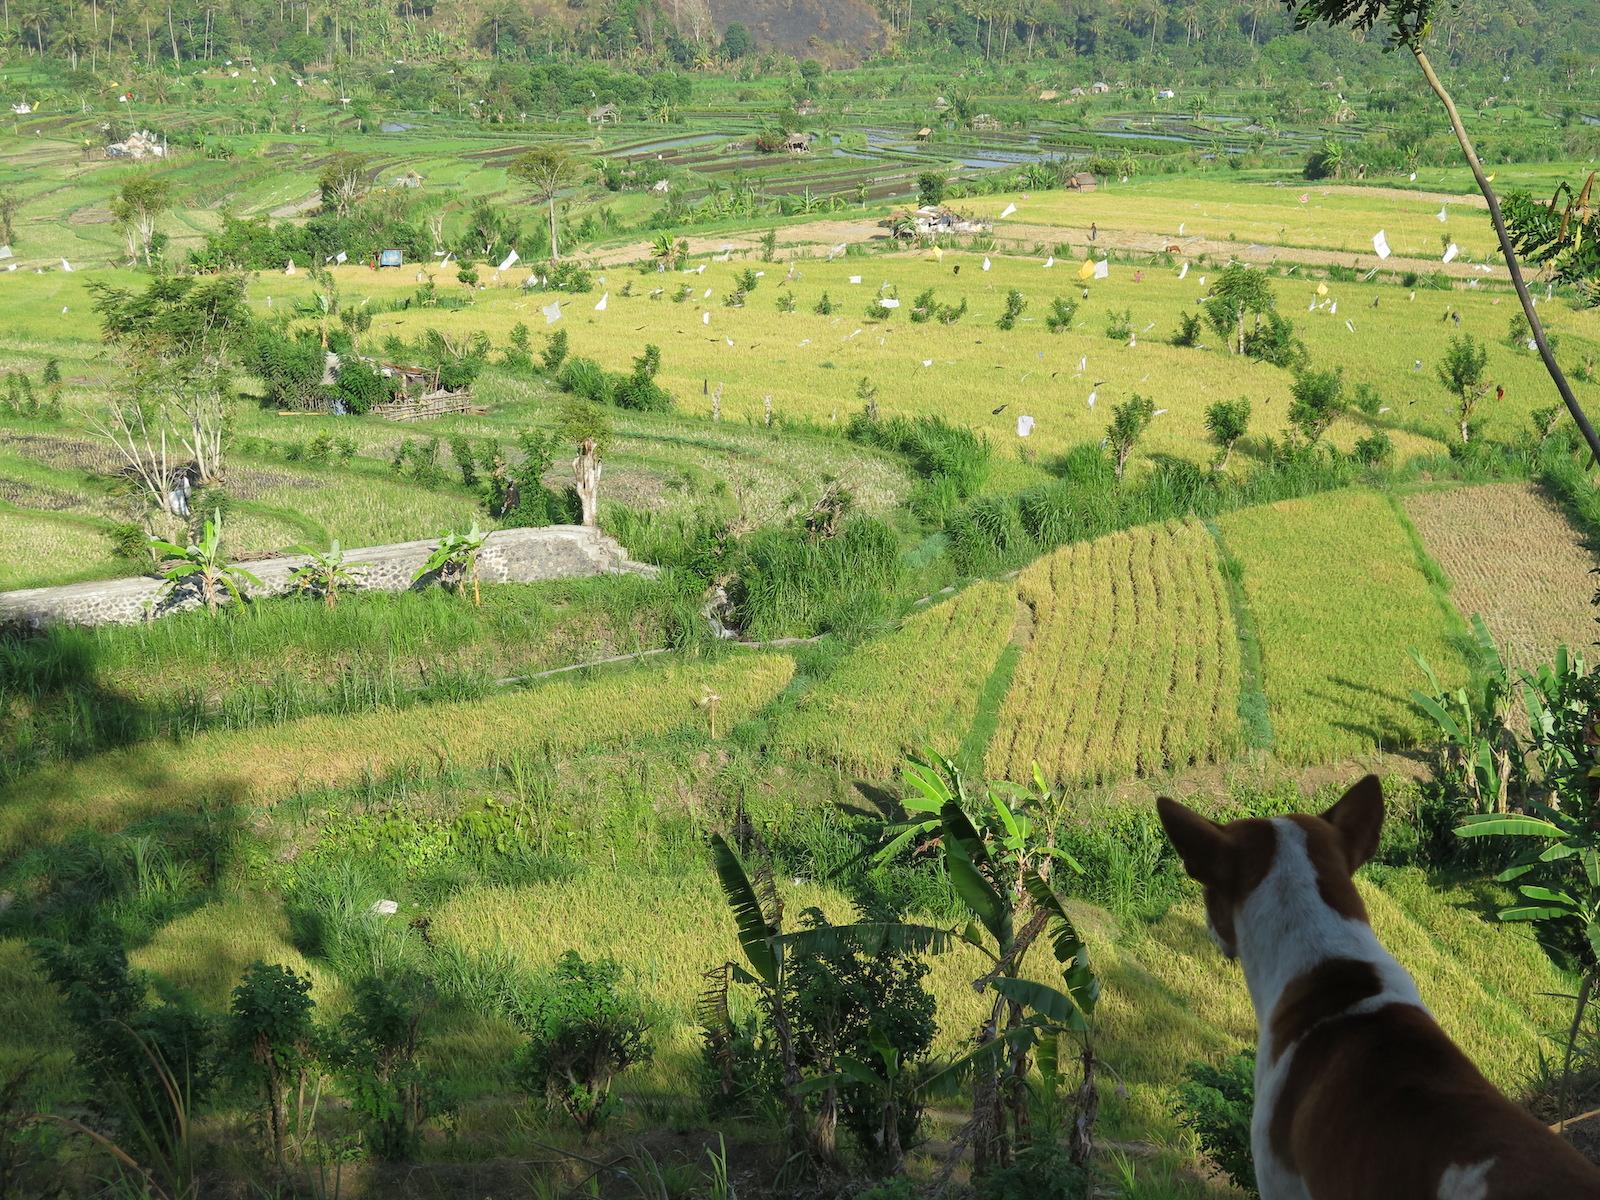 fernreisen-bali-indonesien-tourismus-chance-tourameo